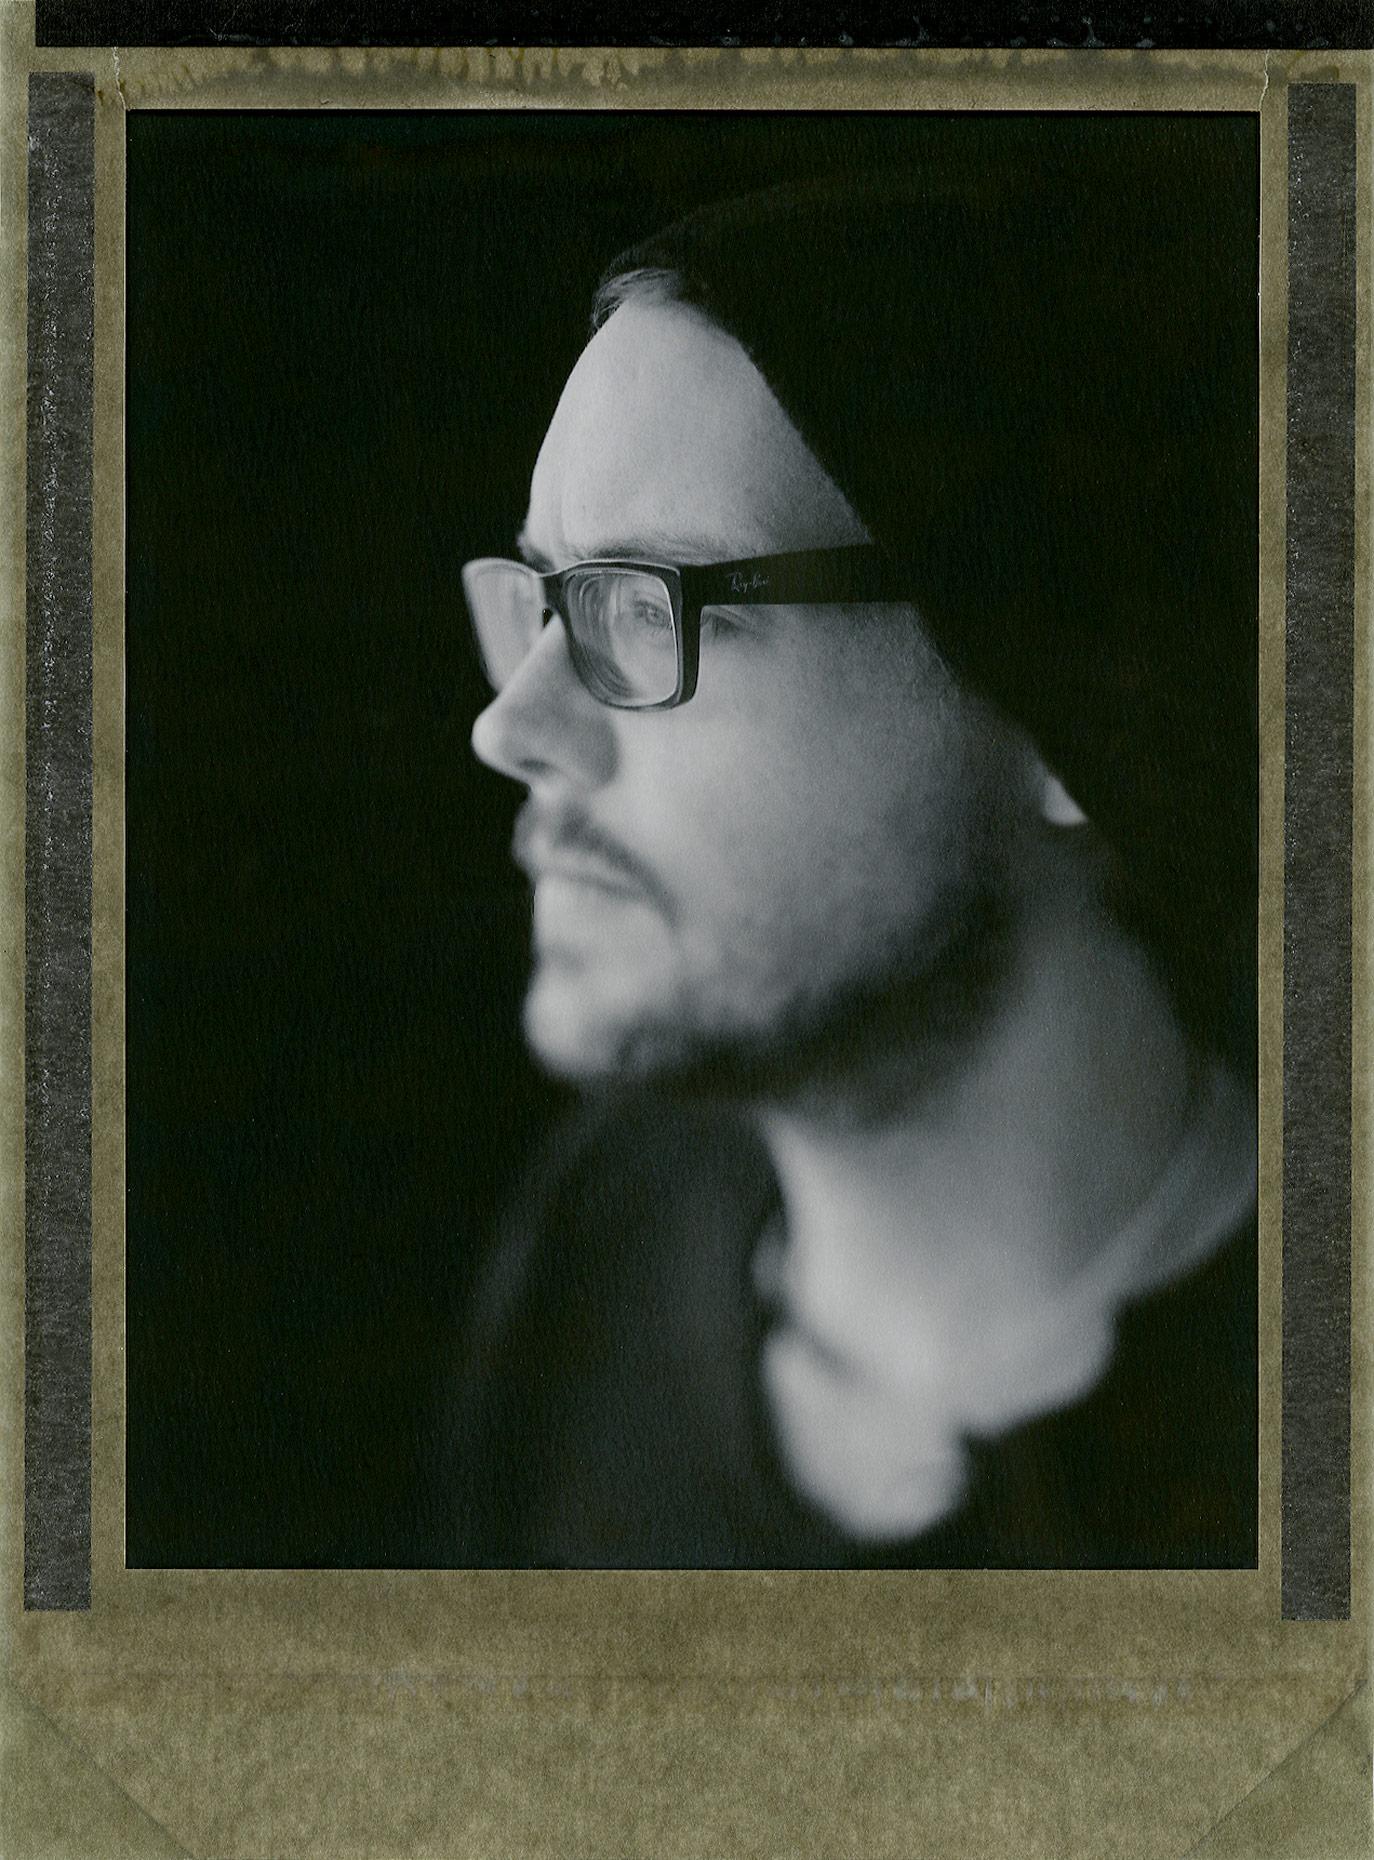 Portrait Photography Derek Israelsen Gaze Glasses